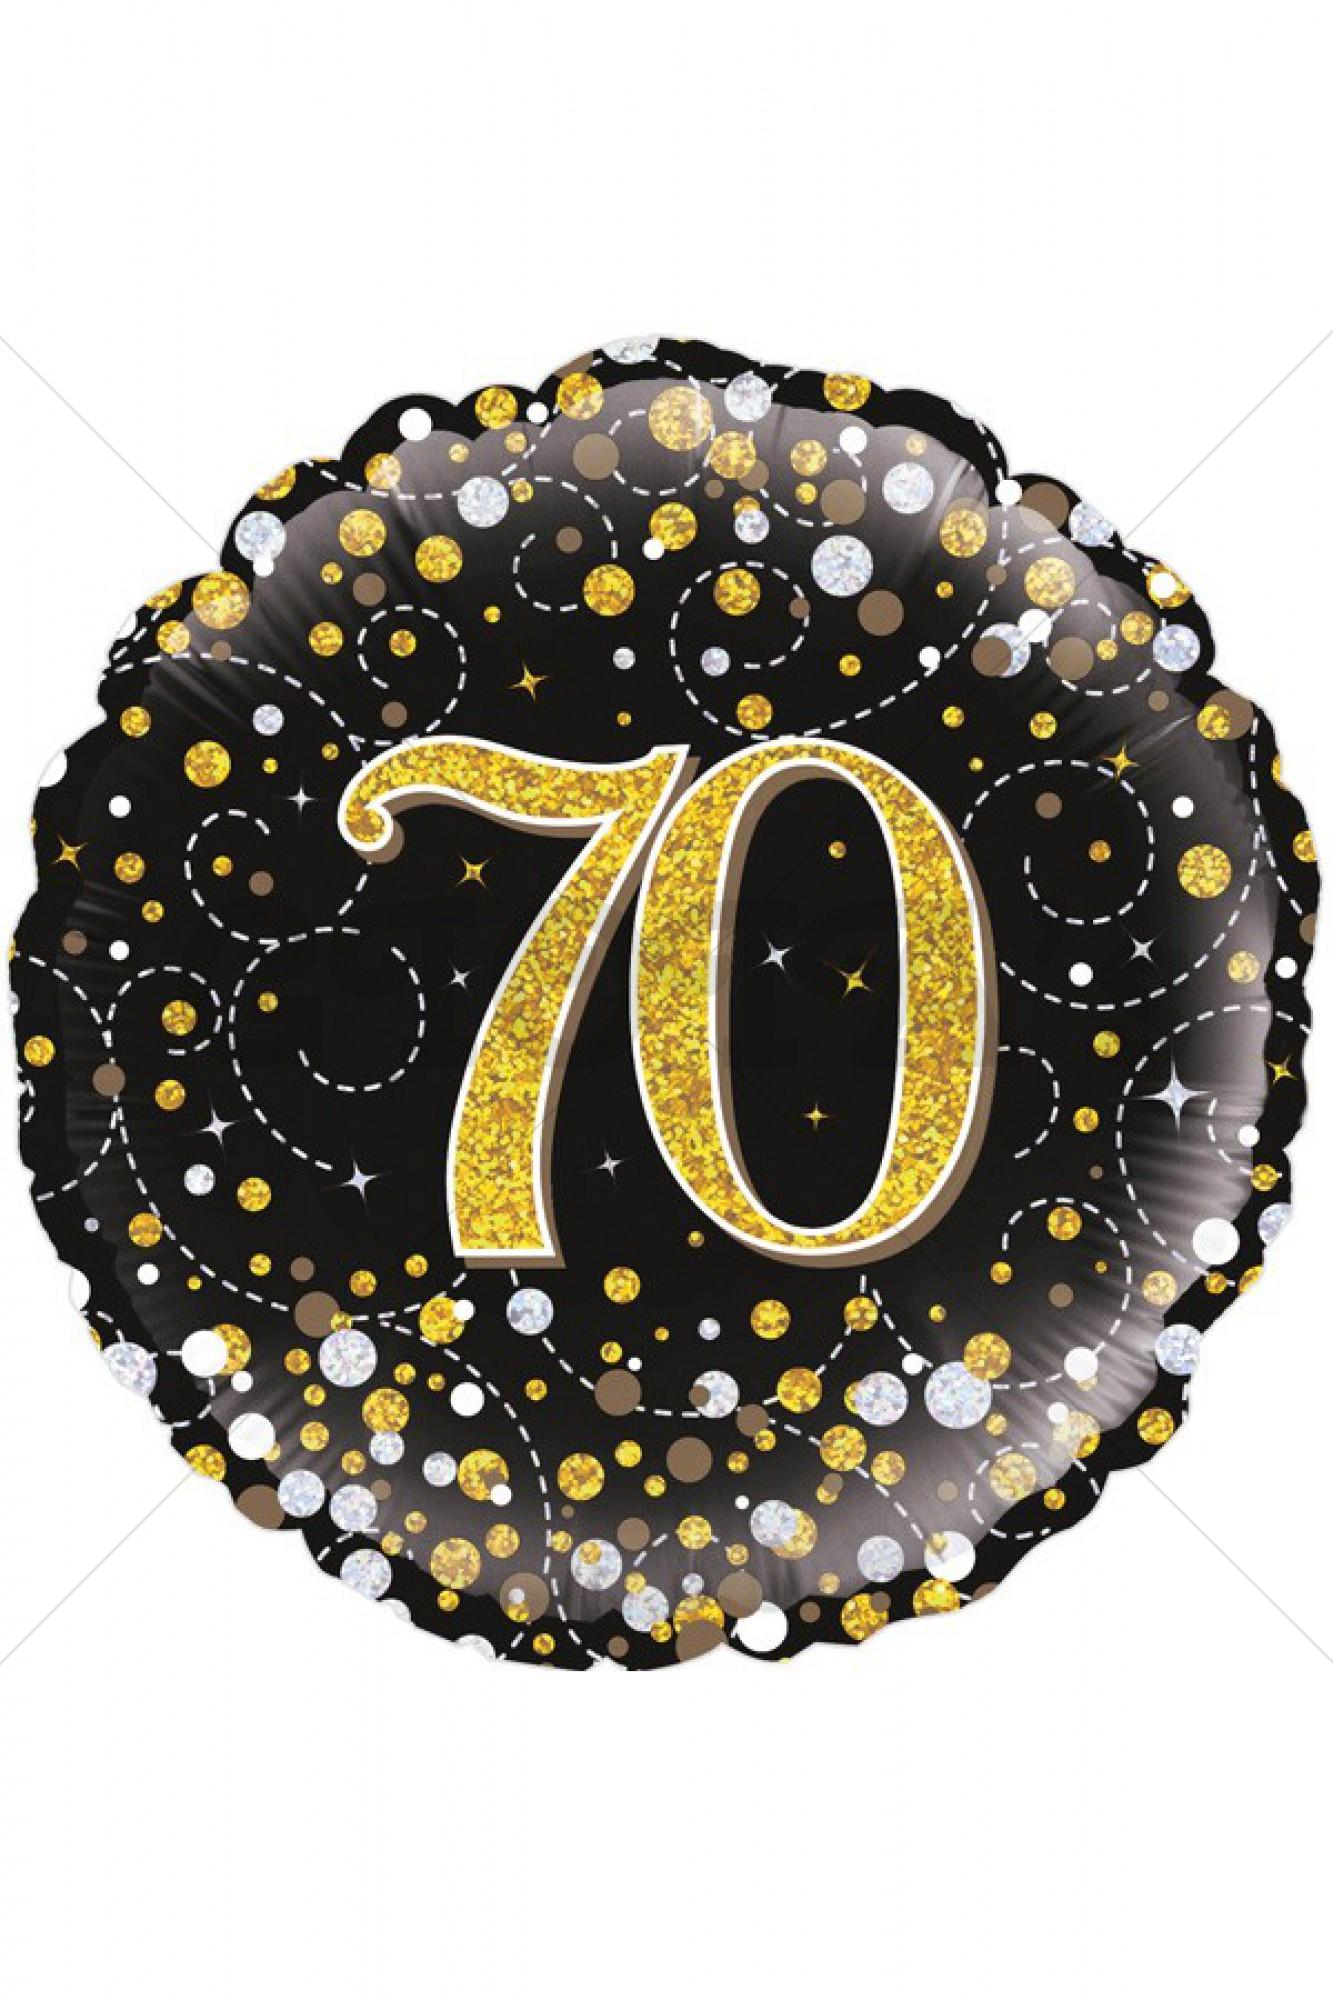 Folie ballon 70 jaar zwart/goud/zilver holografisch 18 inch per 1